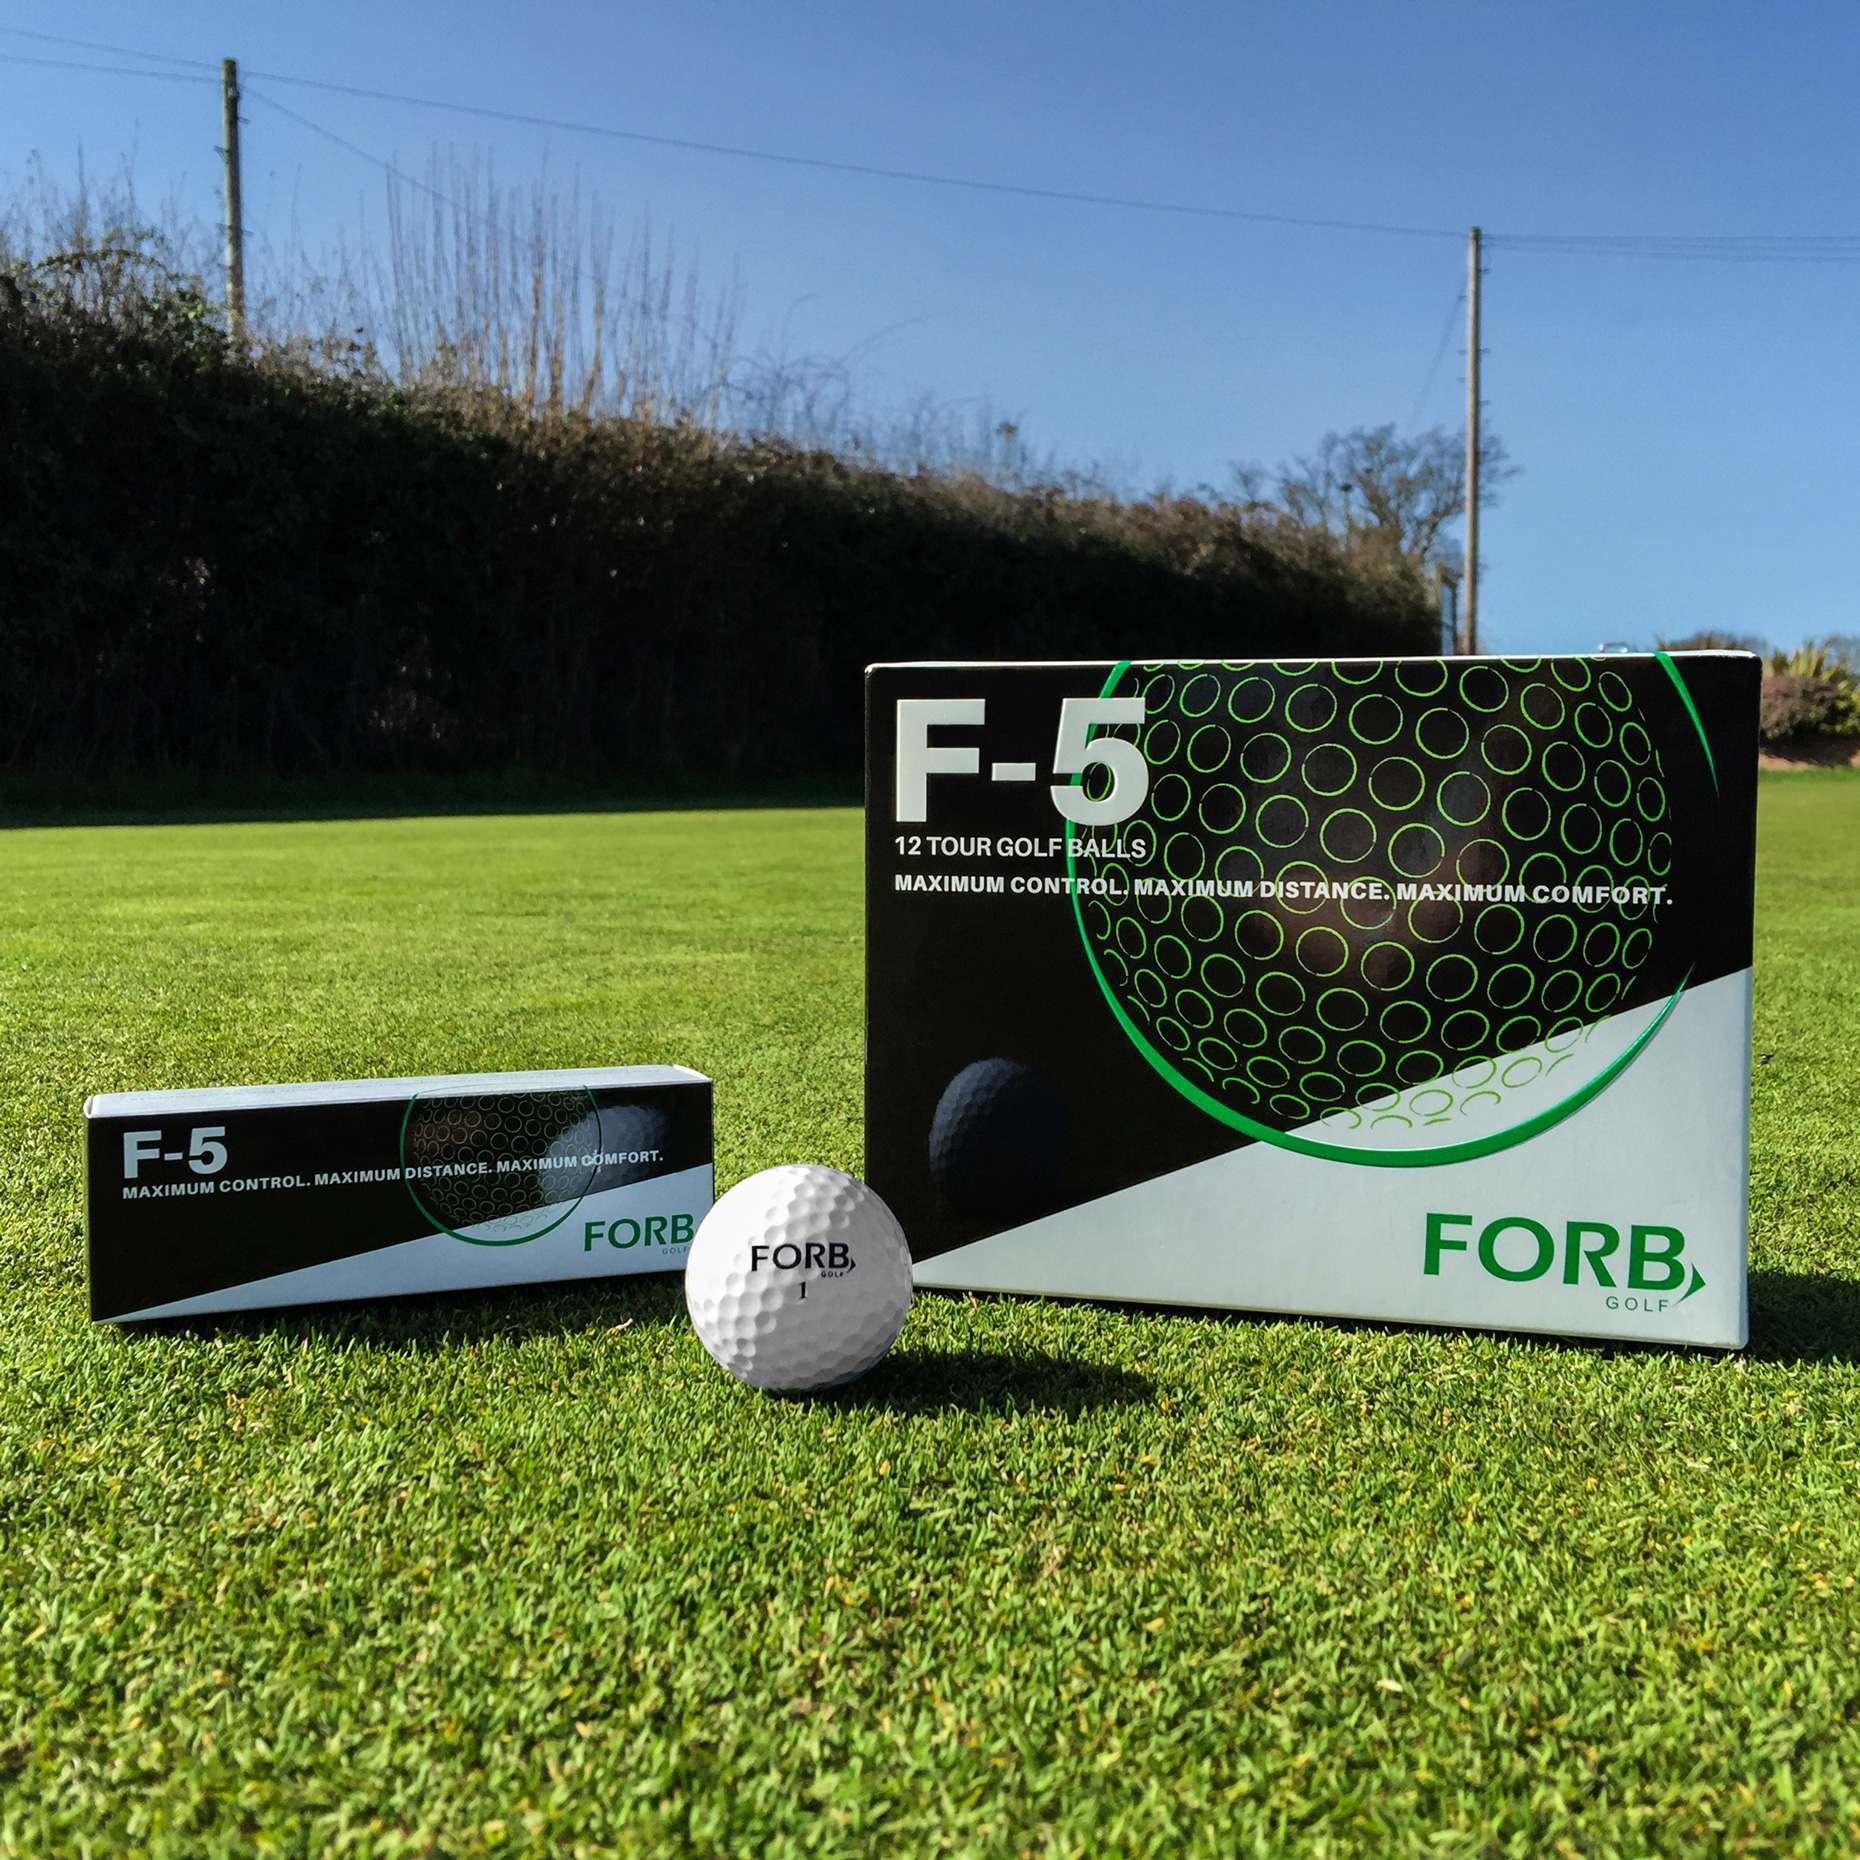 Golf Balls For High Handicap Golfers